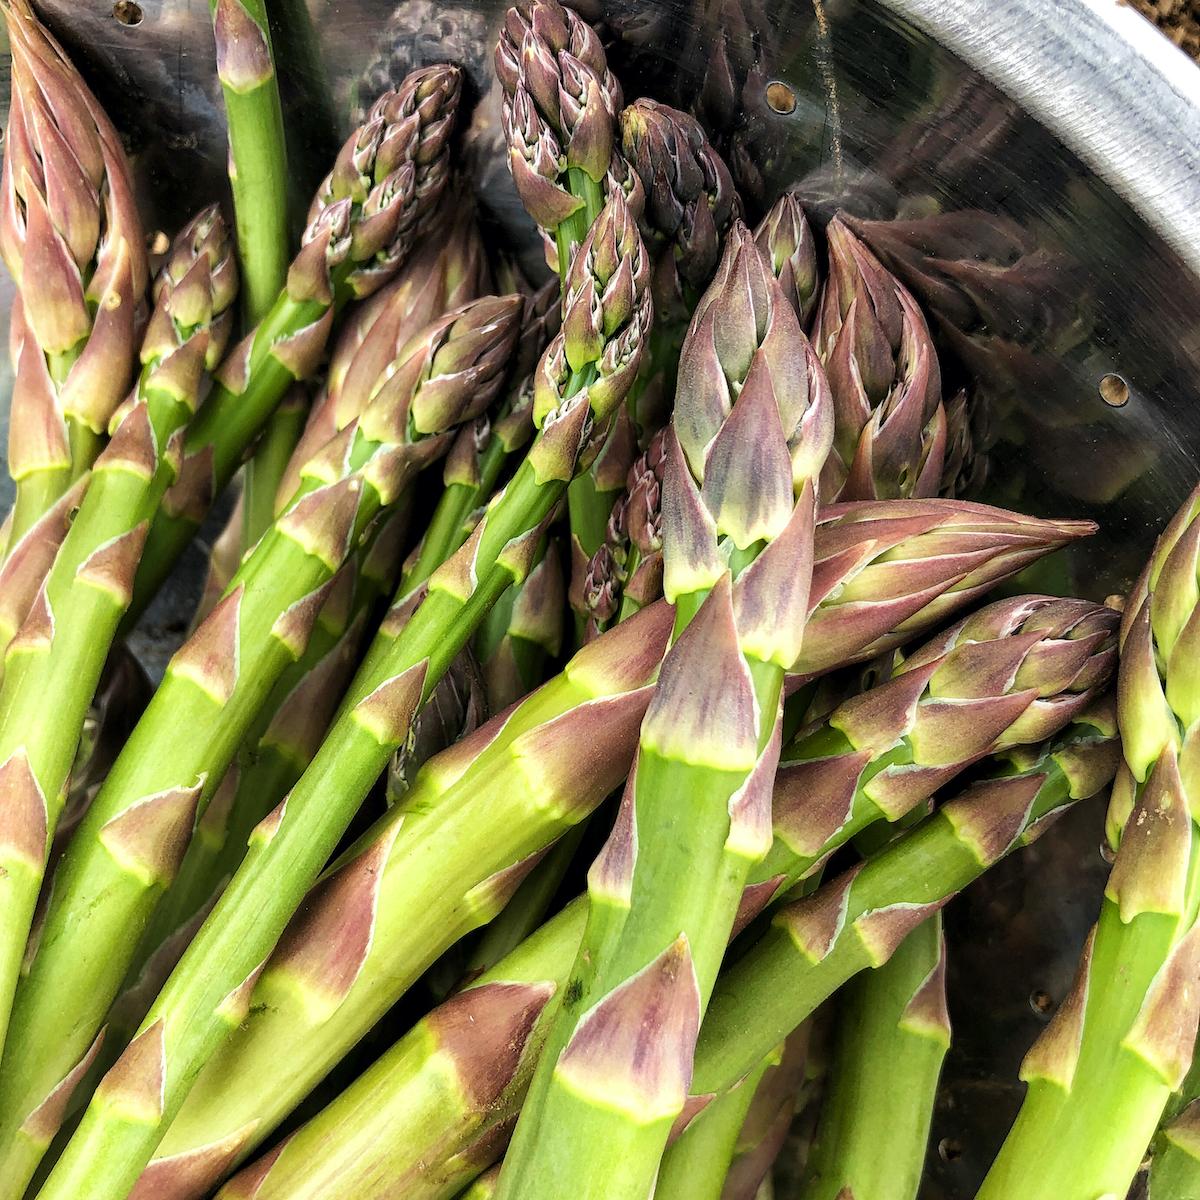 New-spears-asparagus -he-makes-ward-ceas